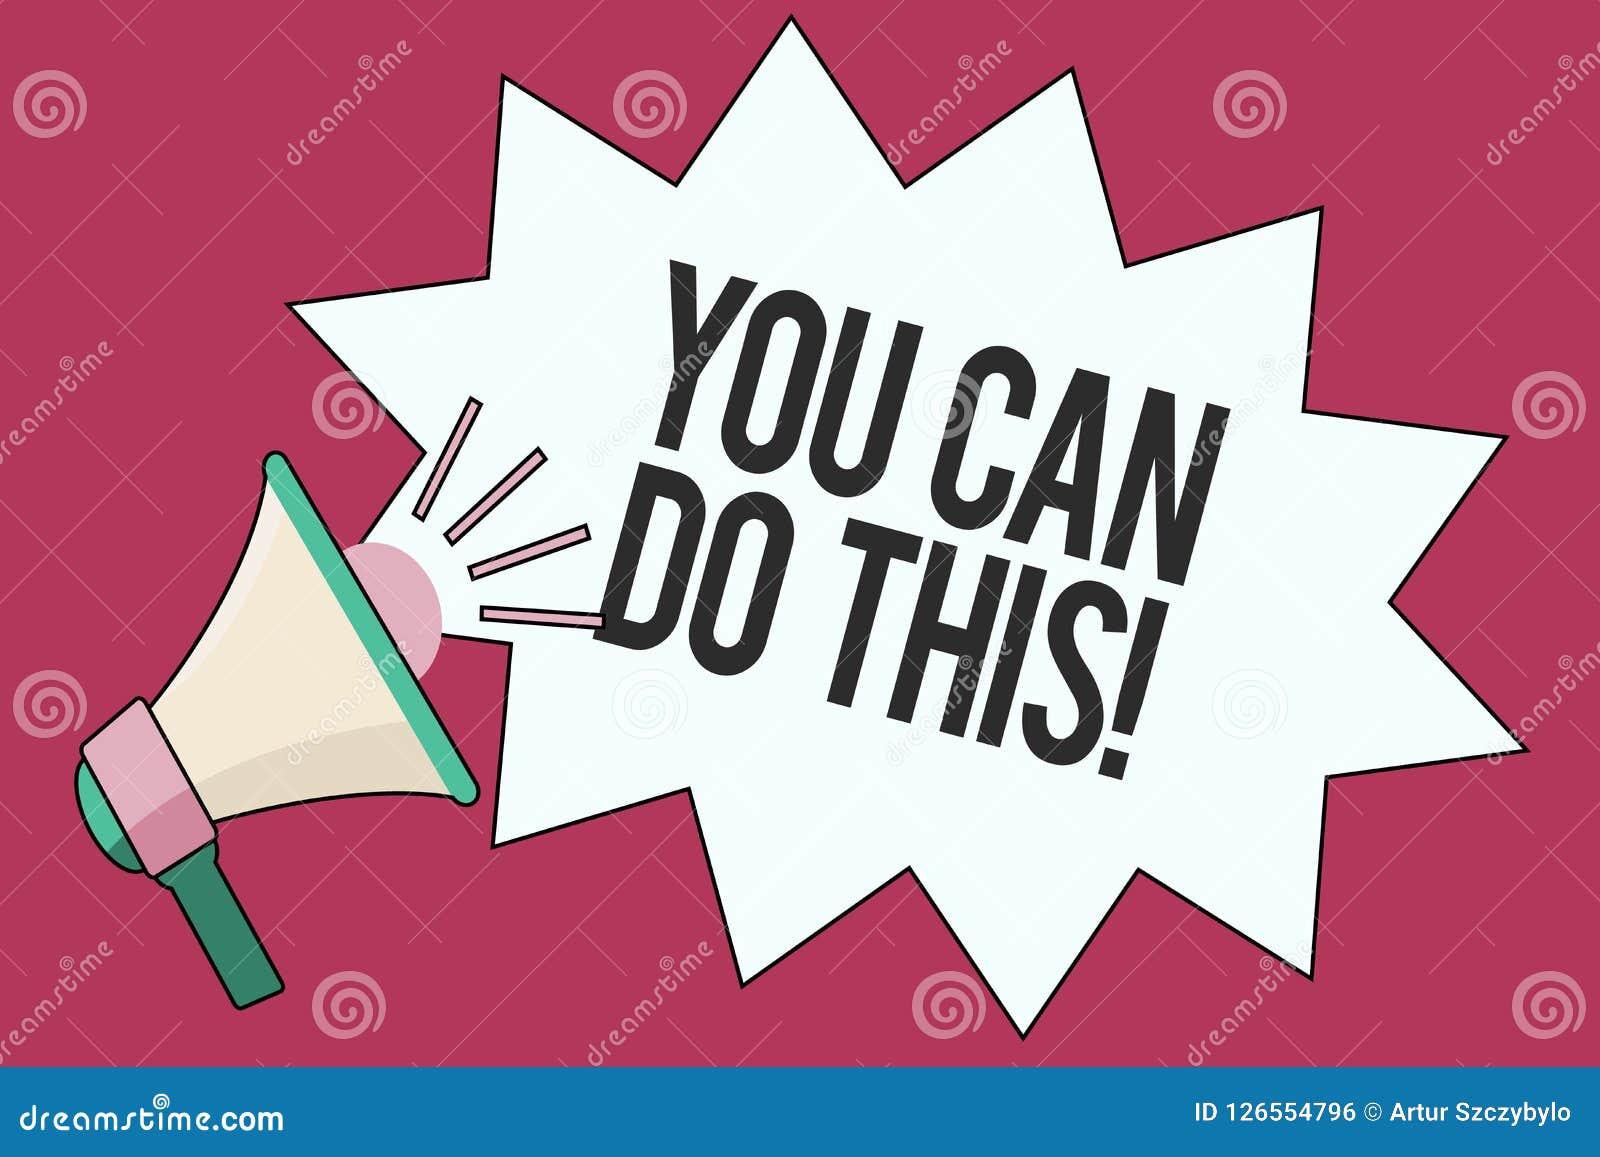 显示您的文本标志可能做此 概念性照片渴望和自愿克服挑战在生活中